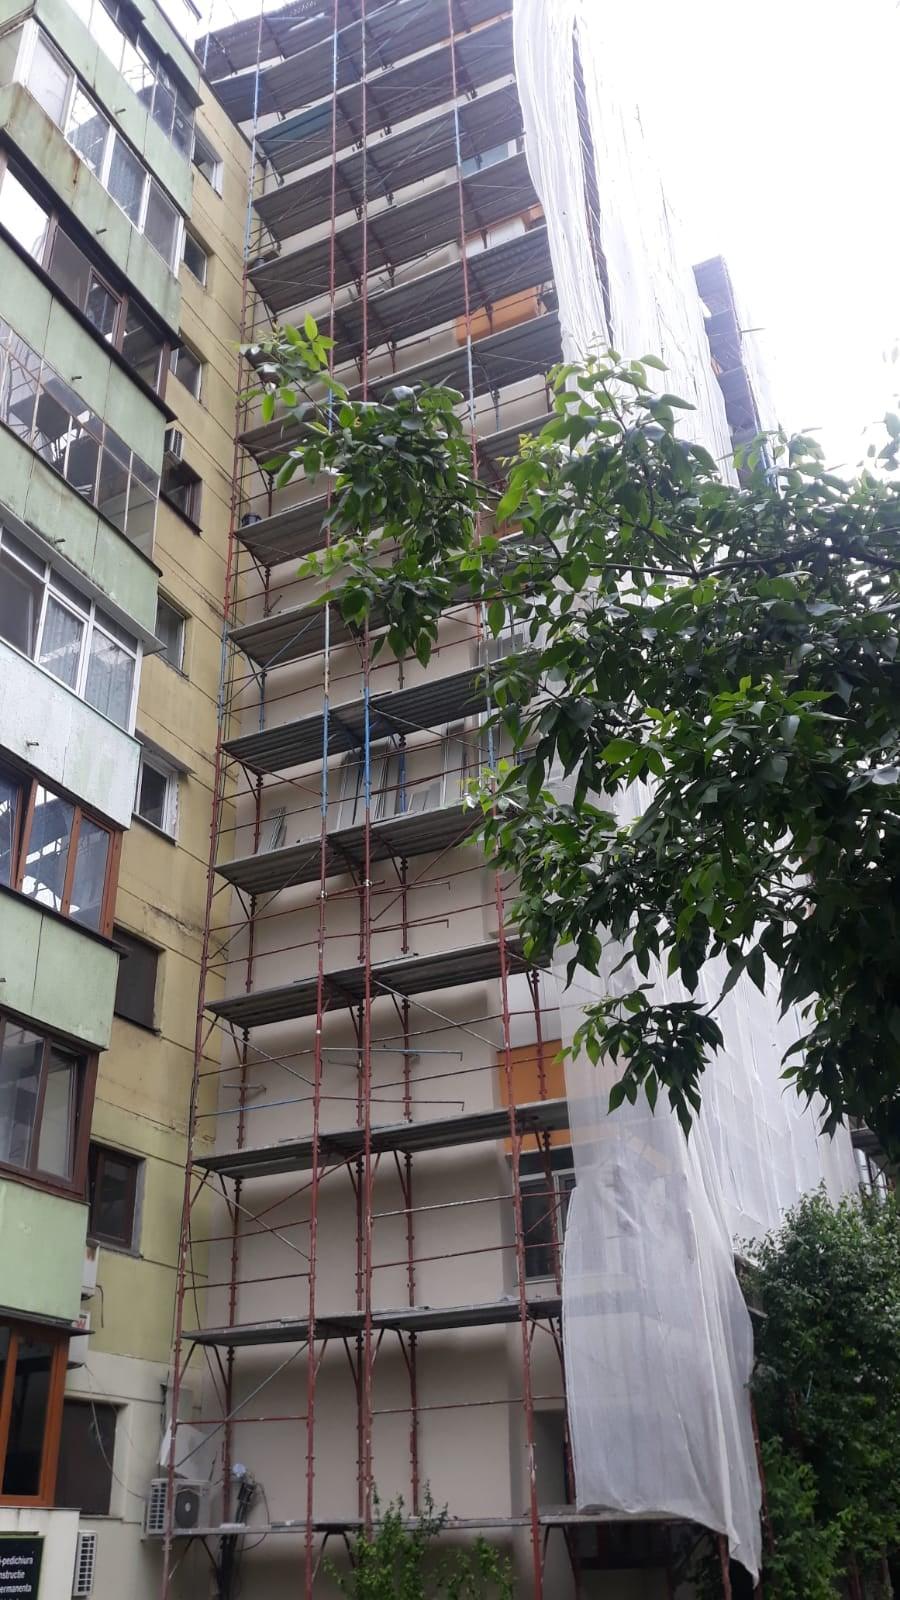 Încep lucrările de reabilitare termică a blocurilor din Sectorul 5. Piedone le face o promisiune cetățenilor